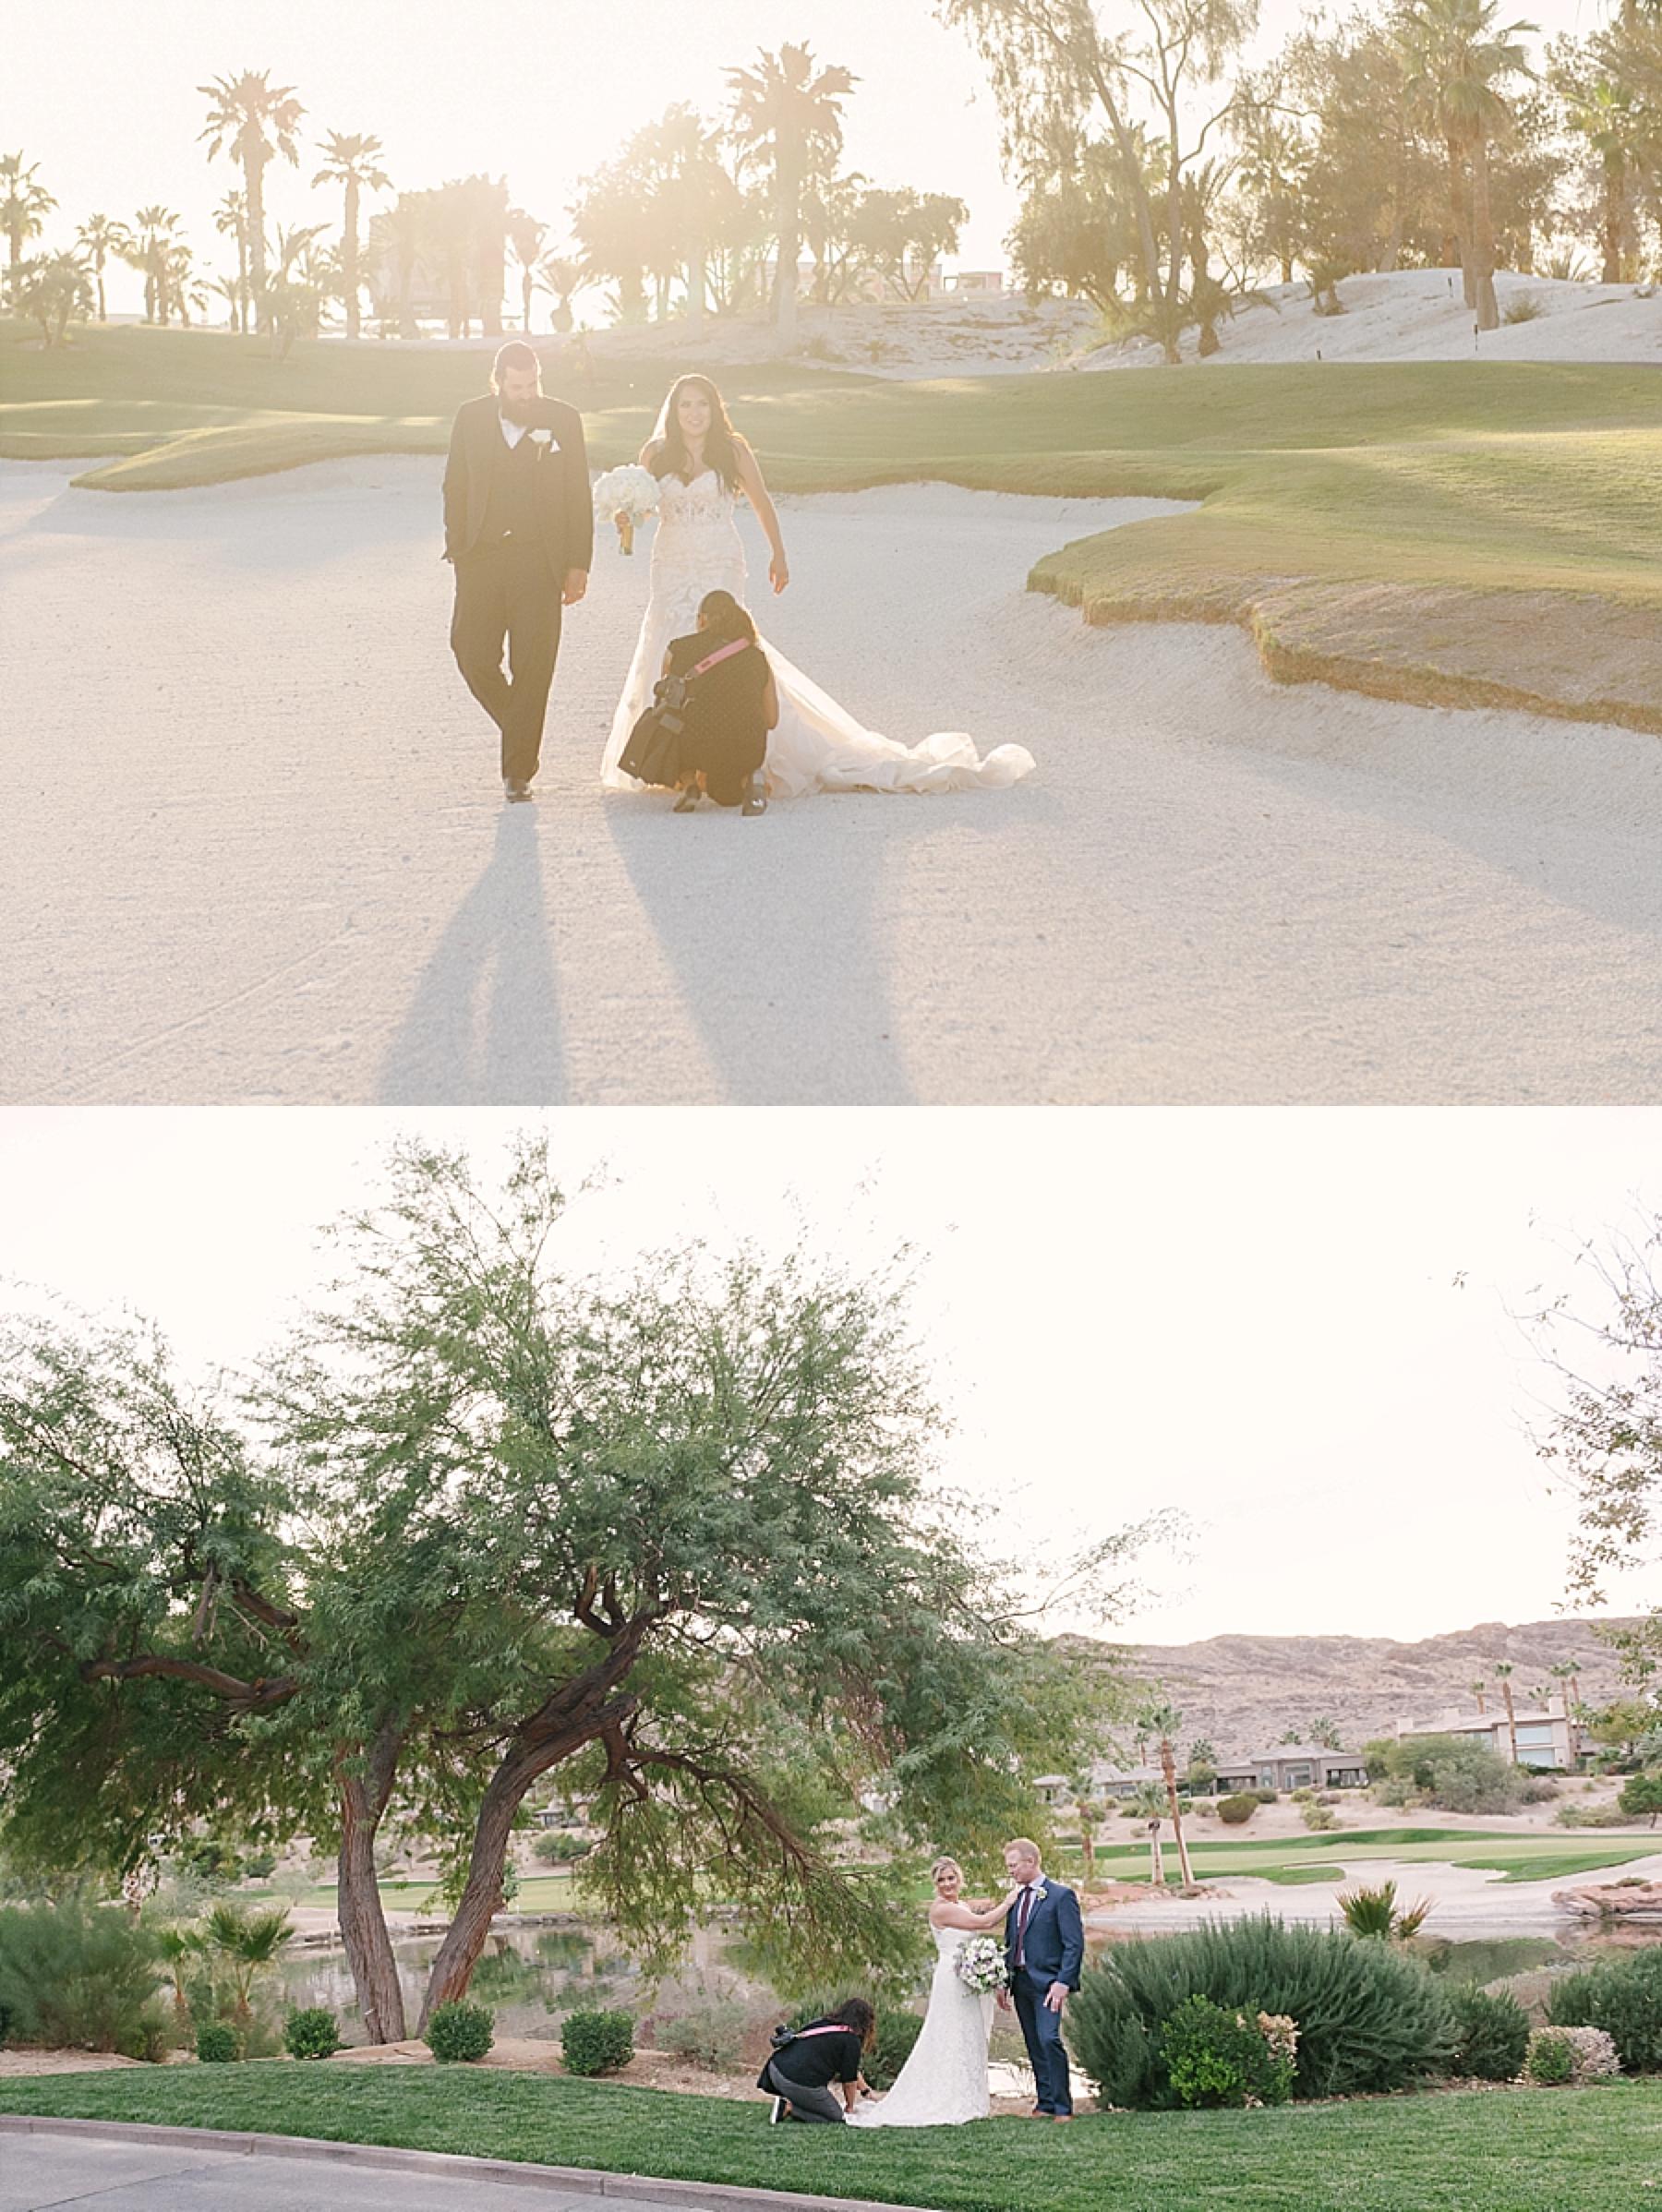 las_vegas_wedding_photographers_behind_the_scenes-06-3.jpg